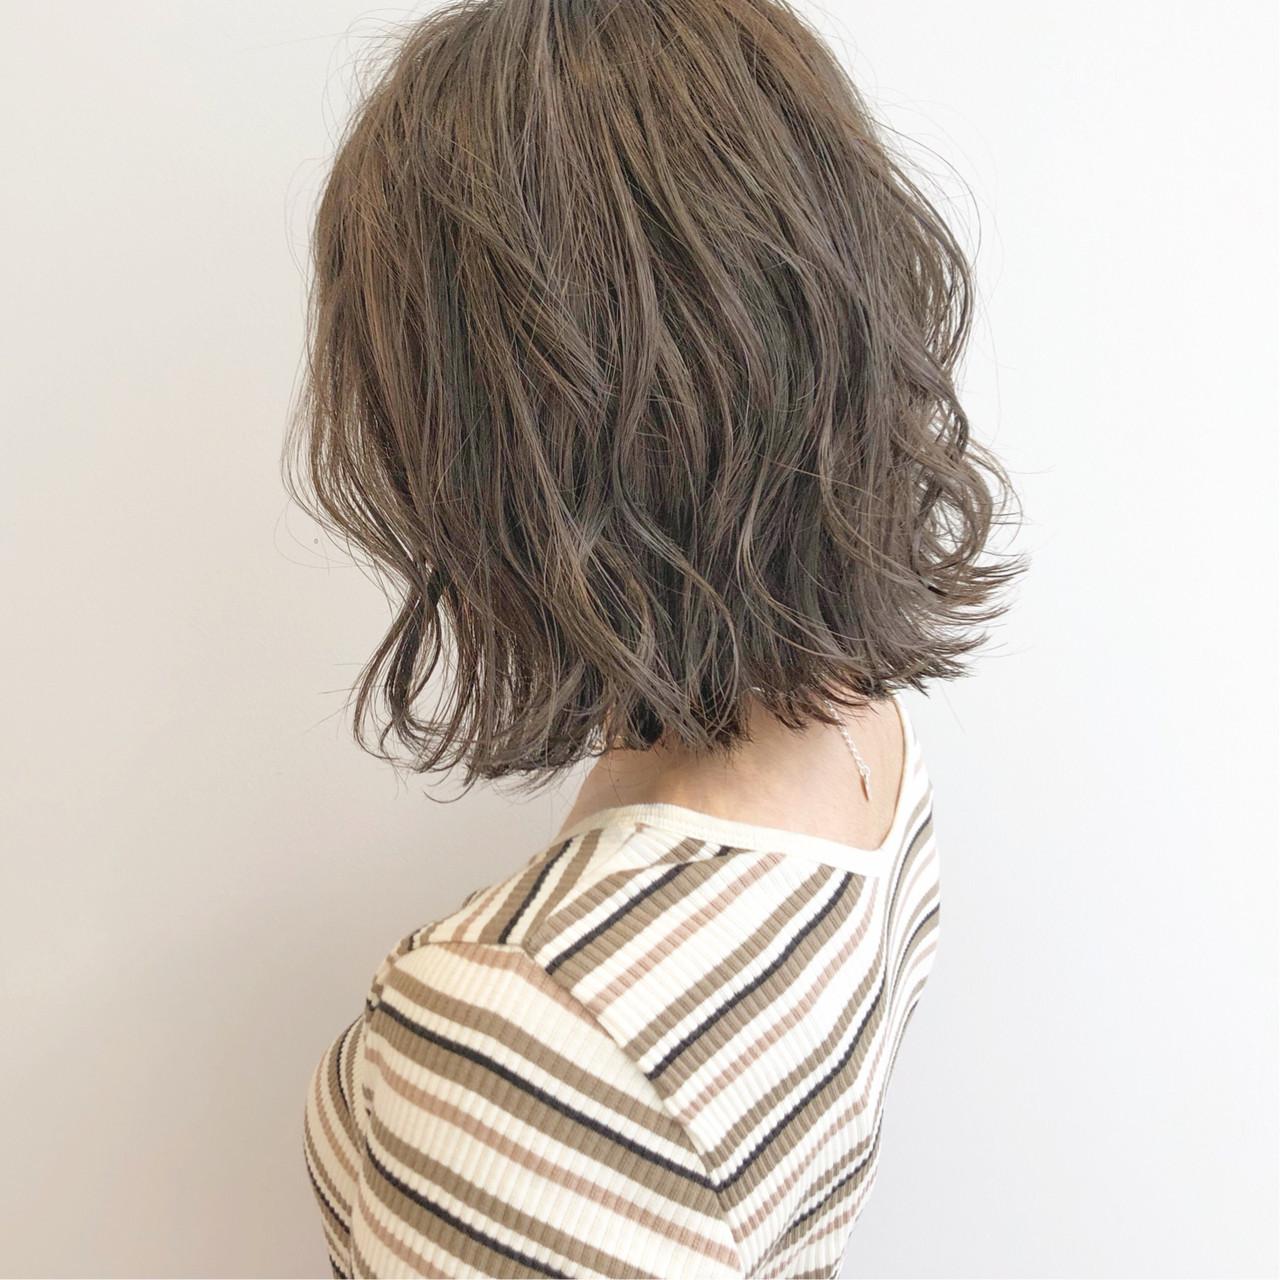 デート ボブ ナチュラル オフィス ヘアスタイルや髪型の写真・画像 | 『ボブ美容師』永田邦彦 表参道 / send by HAIR